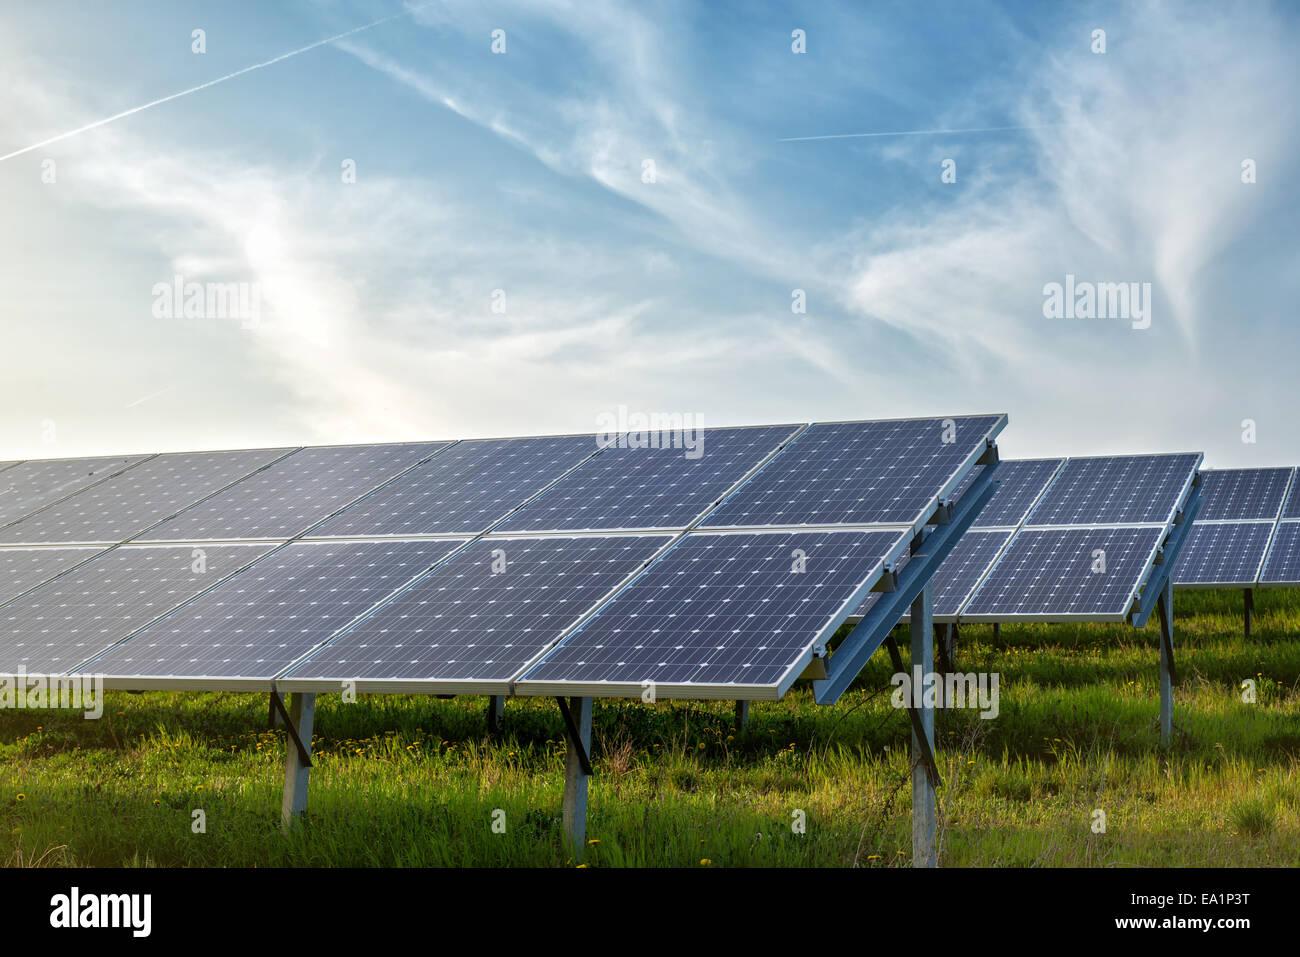 Panneaux solaires en vertu du ciel Photo Stock